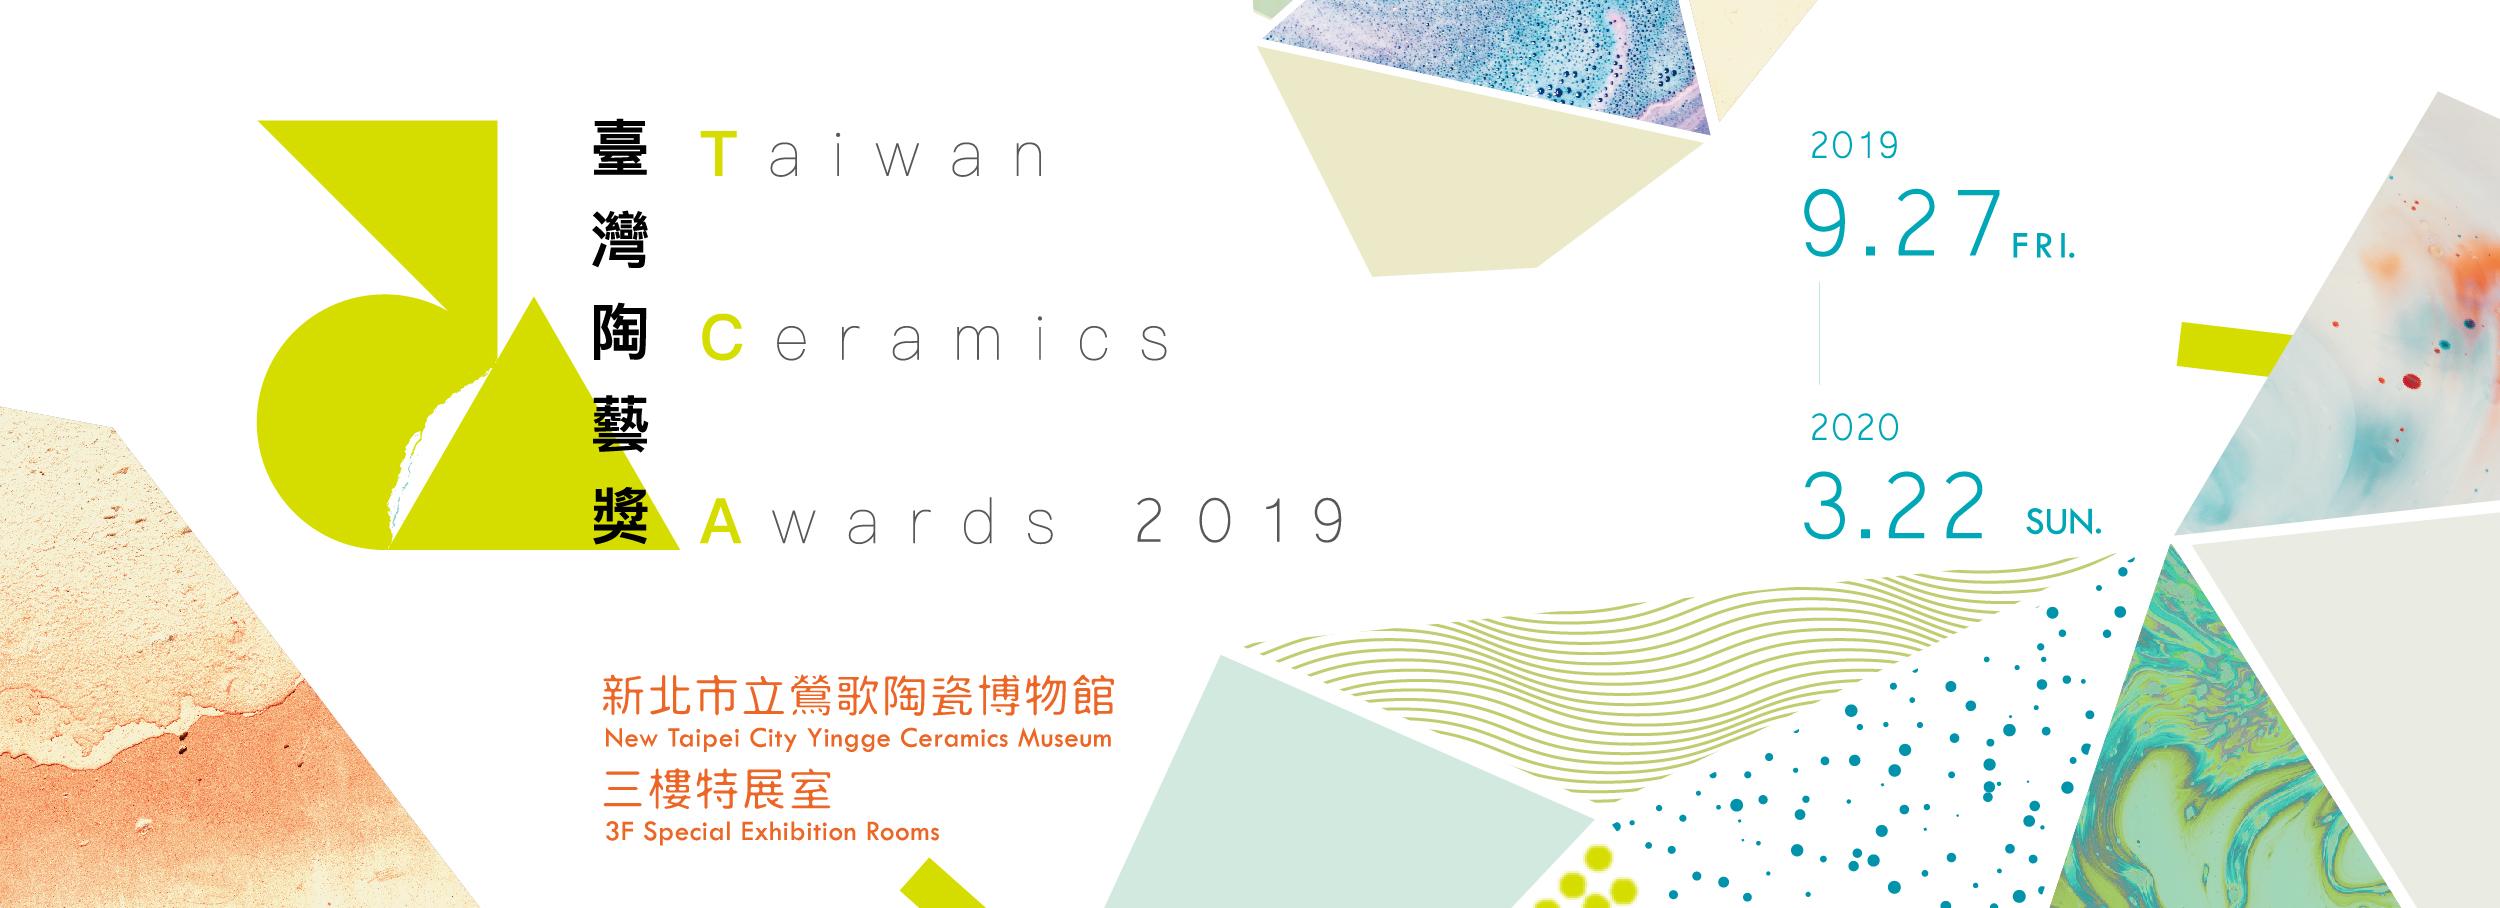 The Taiwan Ceramics Awards 2019